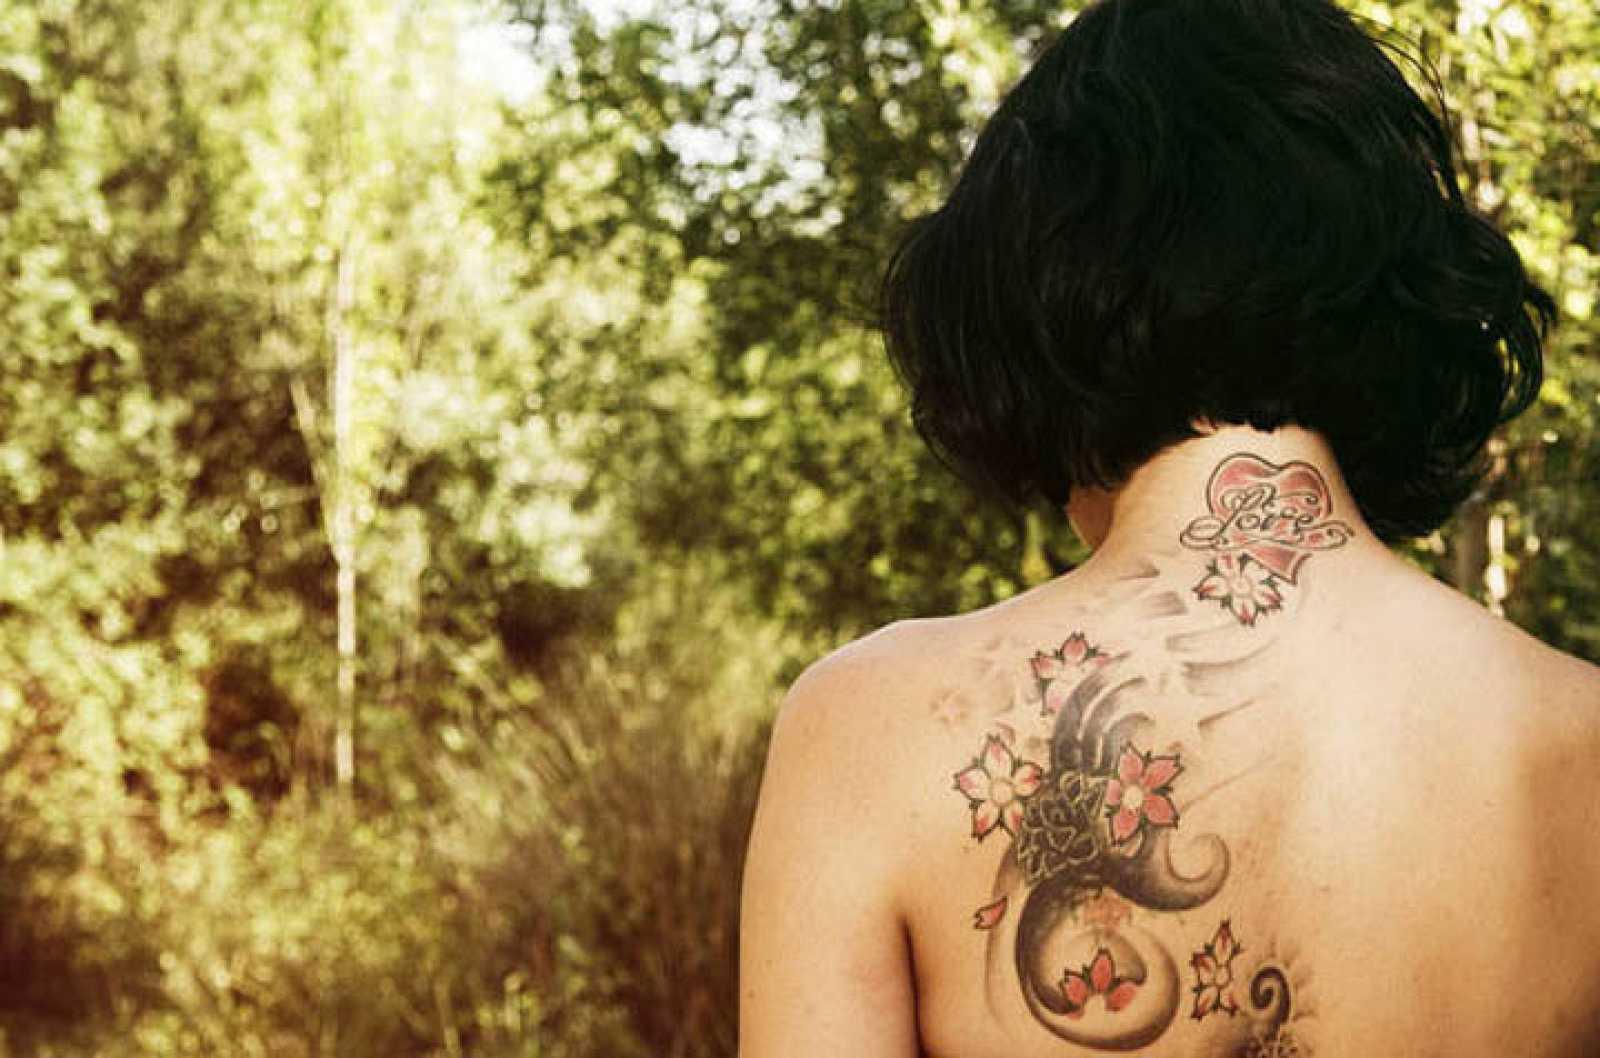 Los tatuajes se hacen depositando la tinta en la dermis perforando con una aguja.